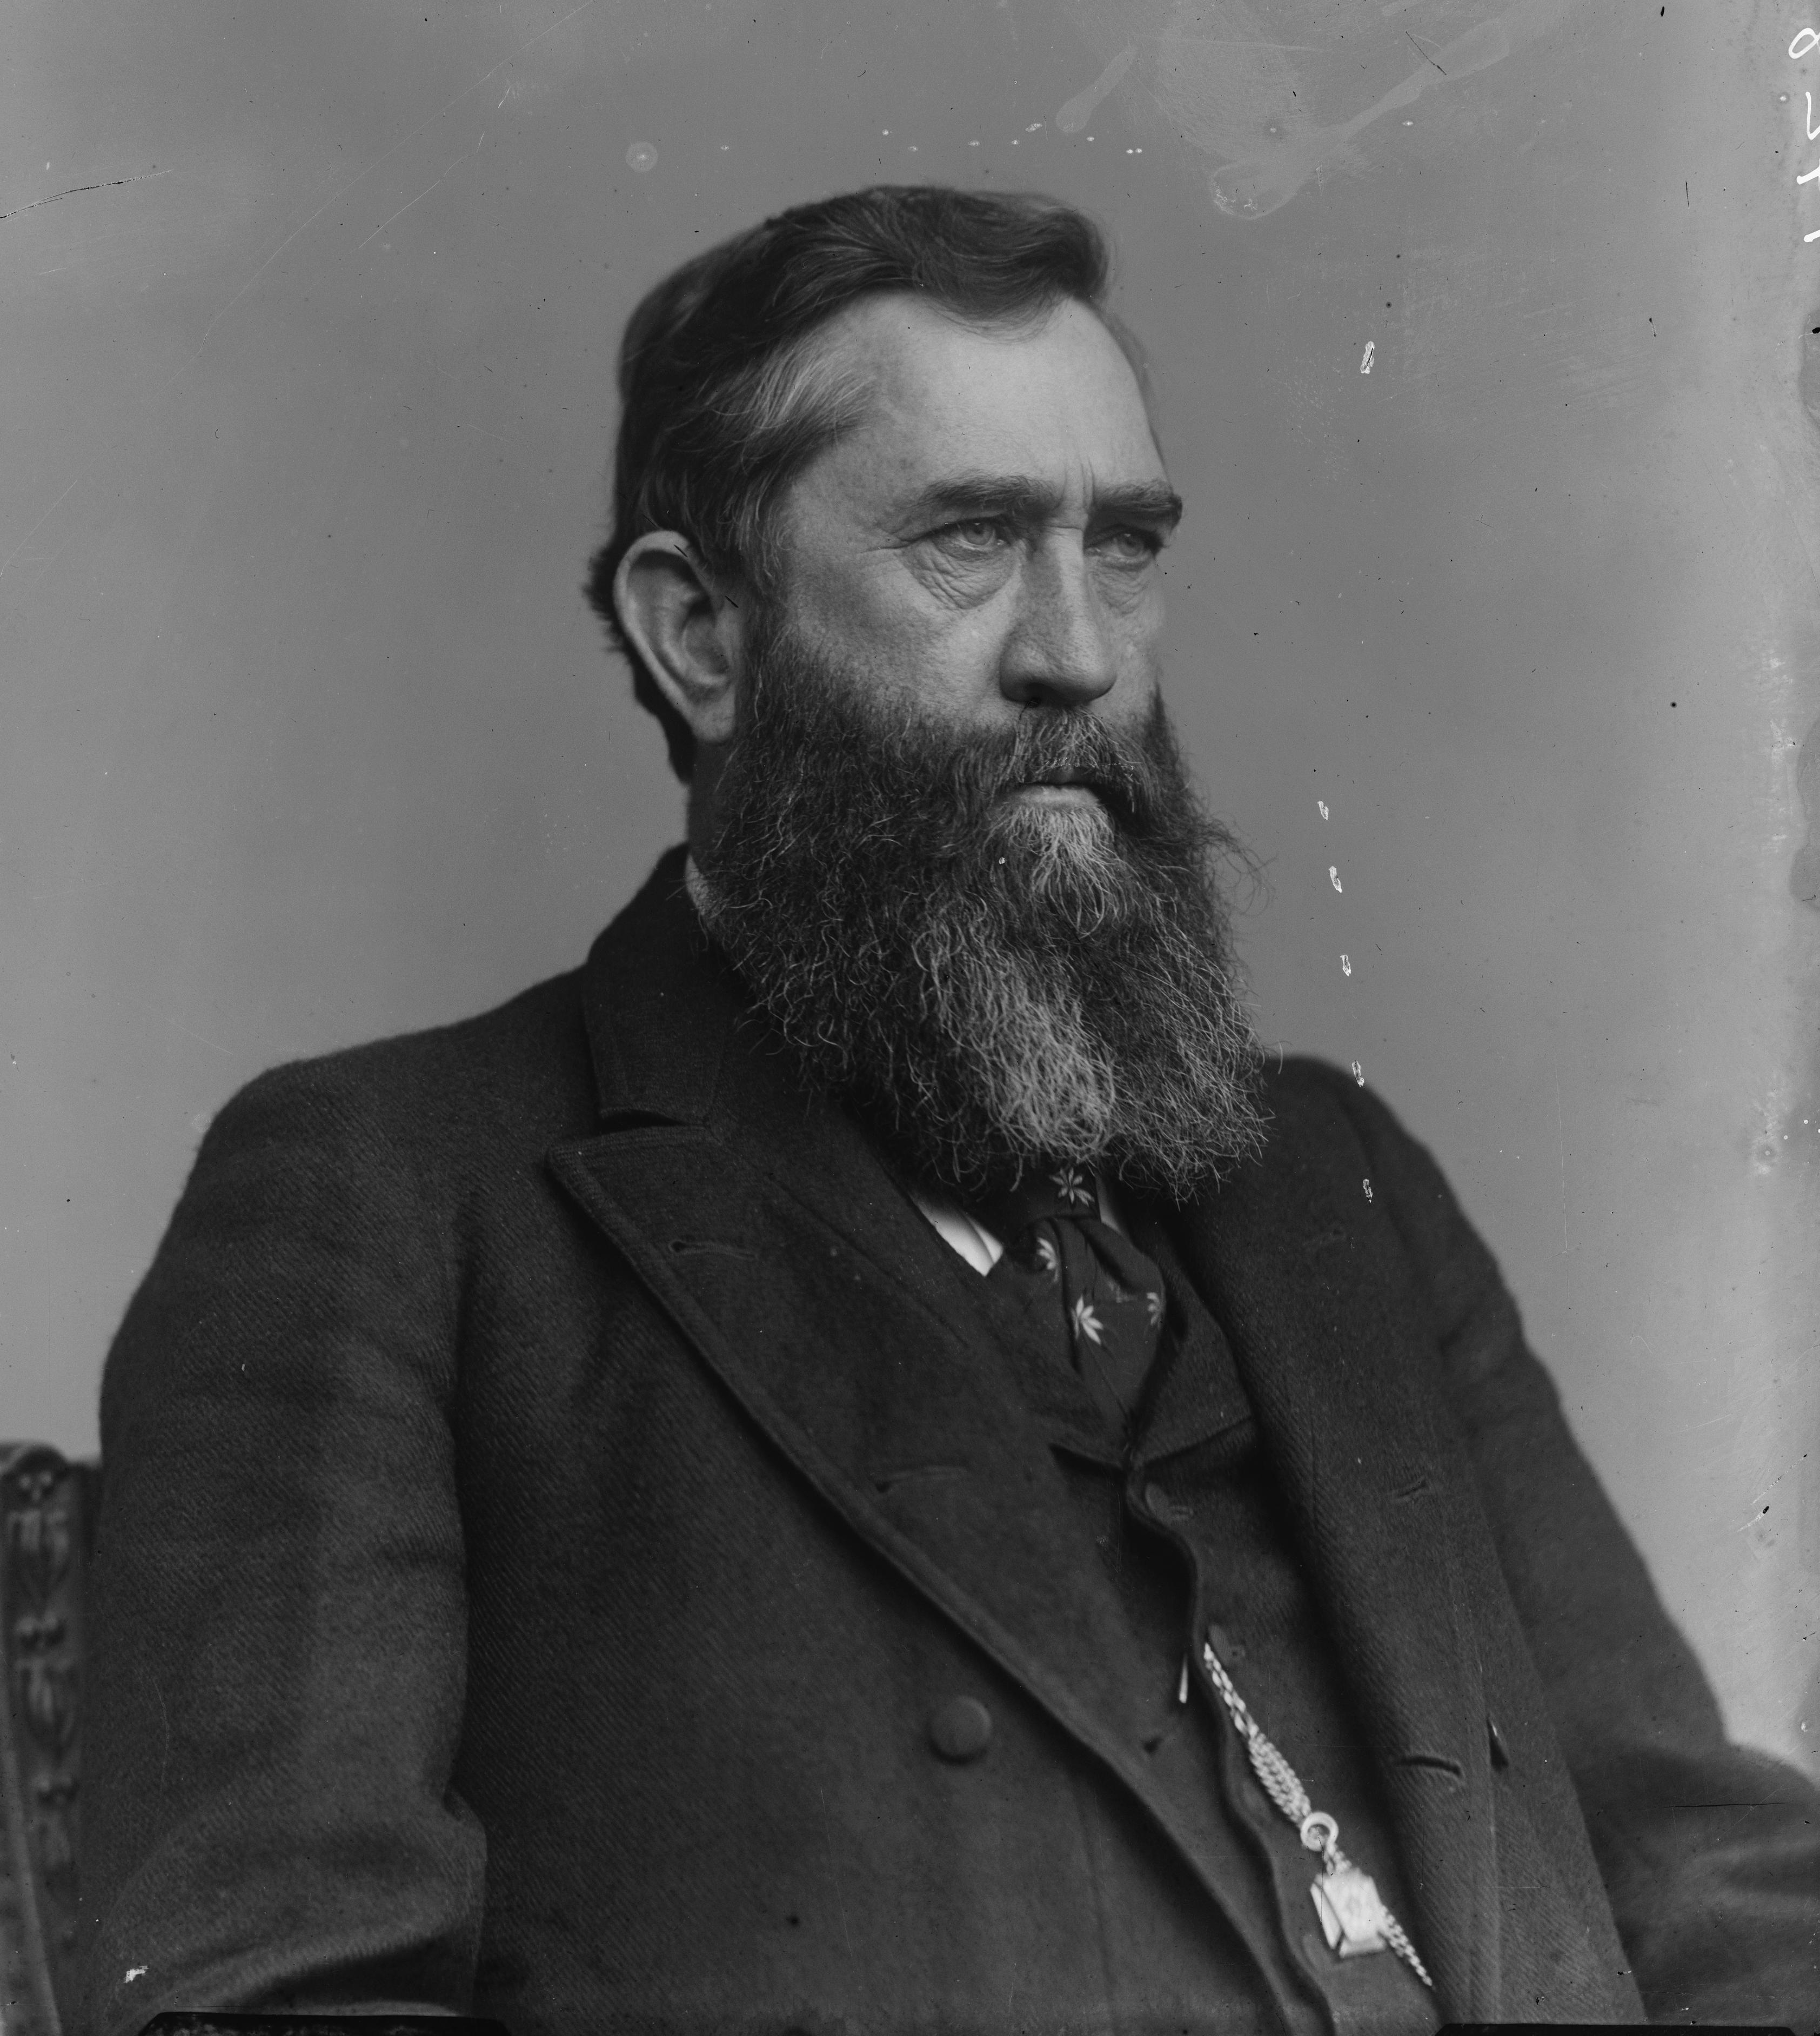 Joseph Abbott Texas Politician Military Wiki Fandom Powered By Wikia